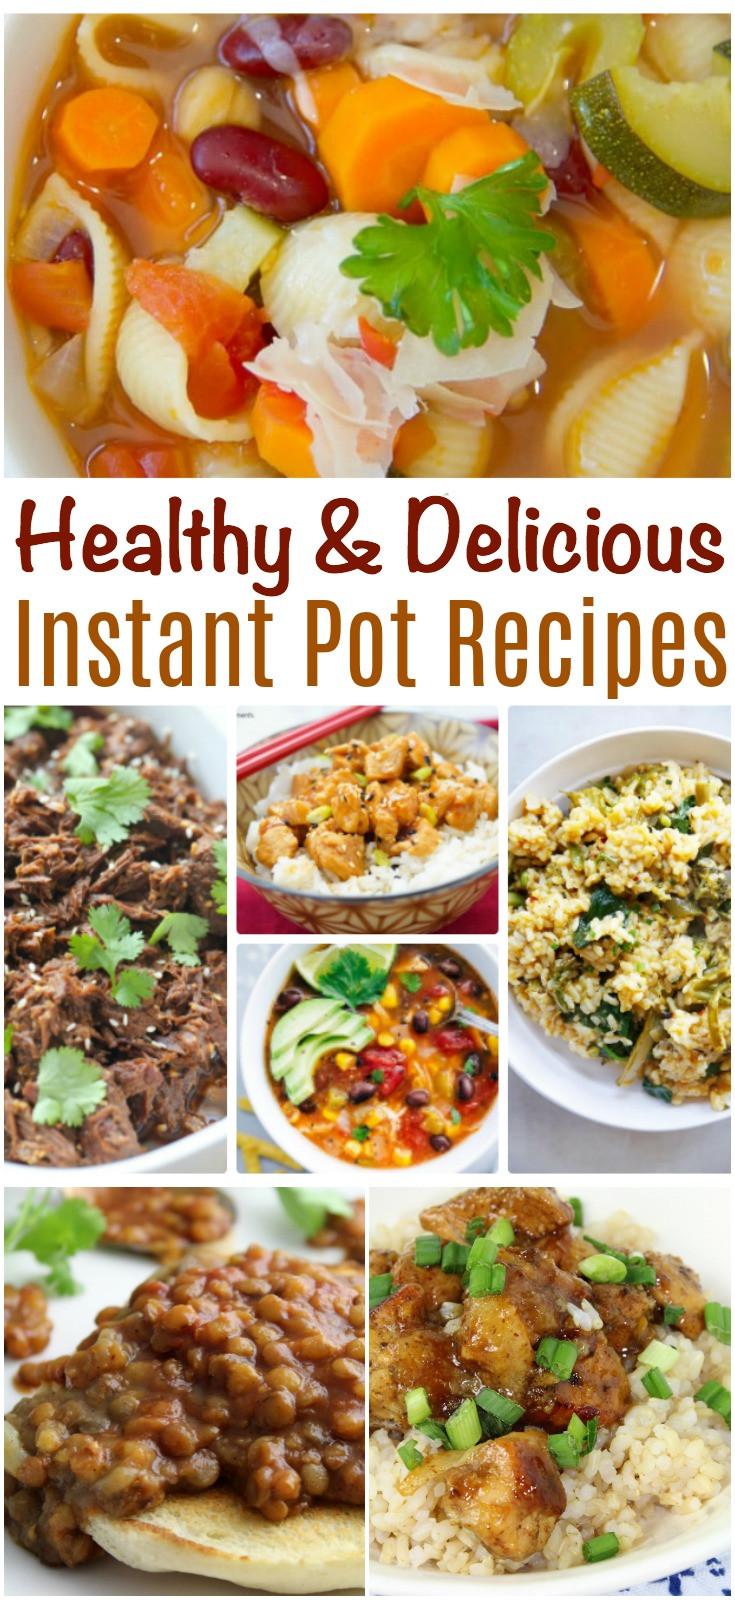 Healthy Instant Pot Recipes  Healthy and Delicious Instant Pot Recipes